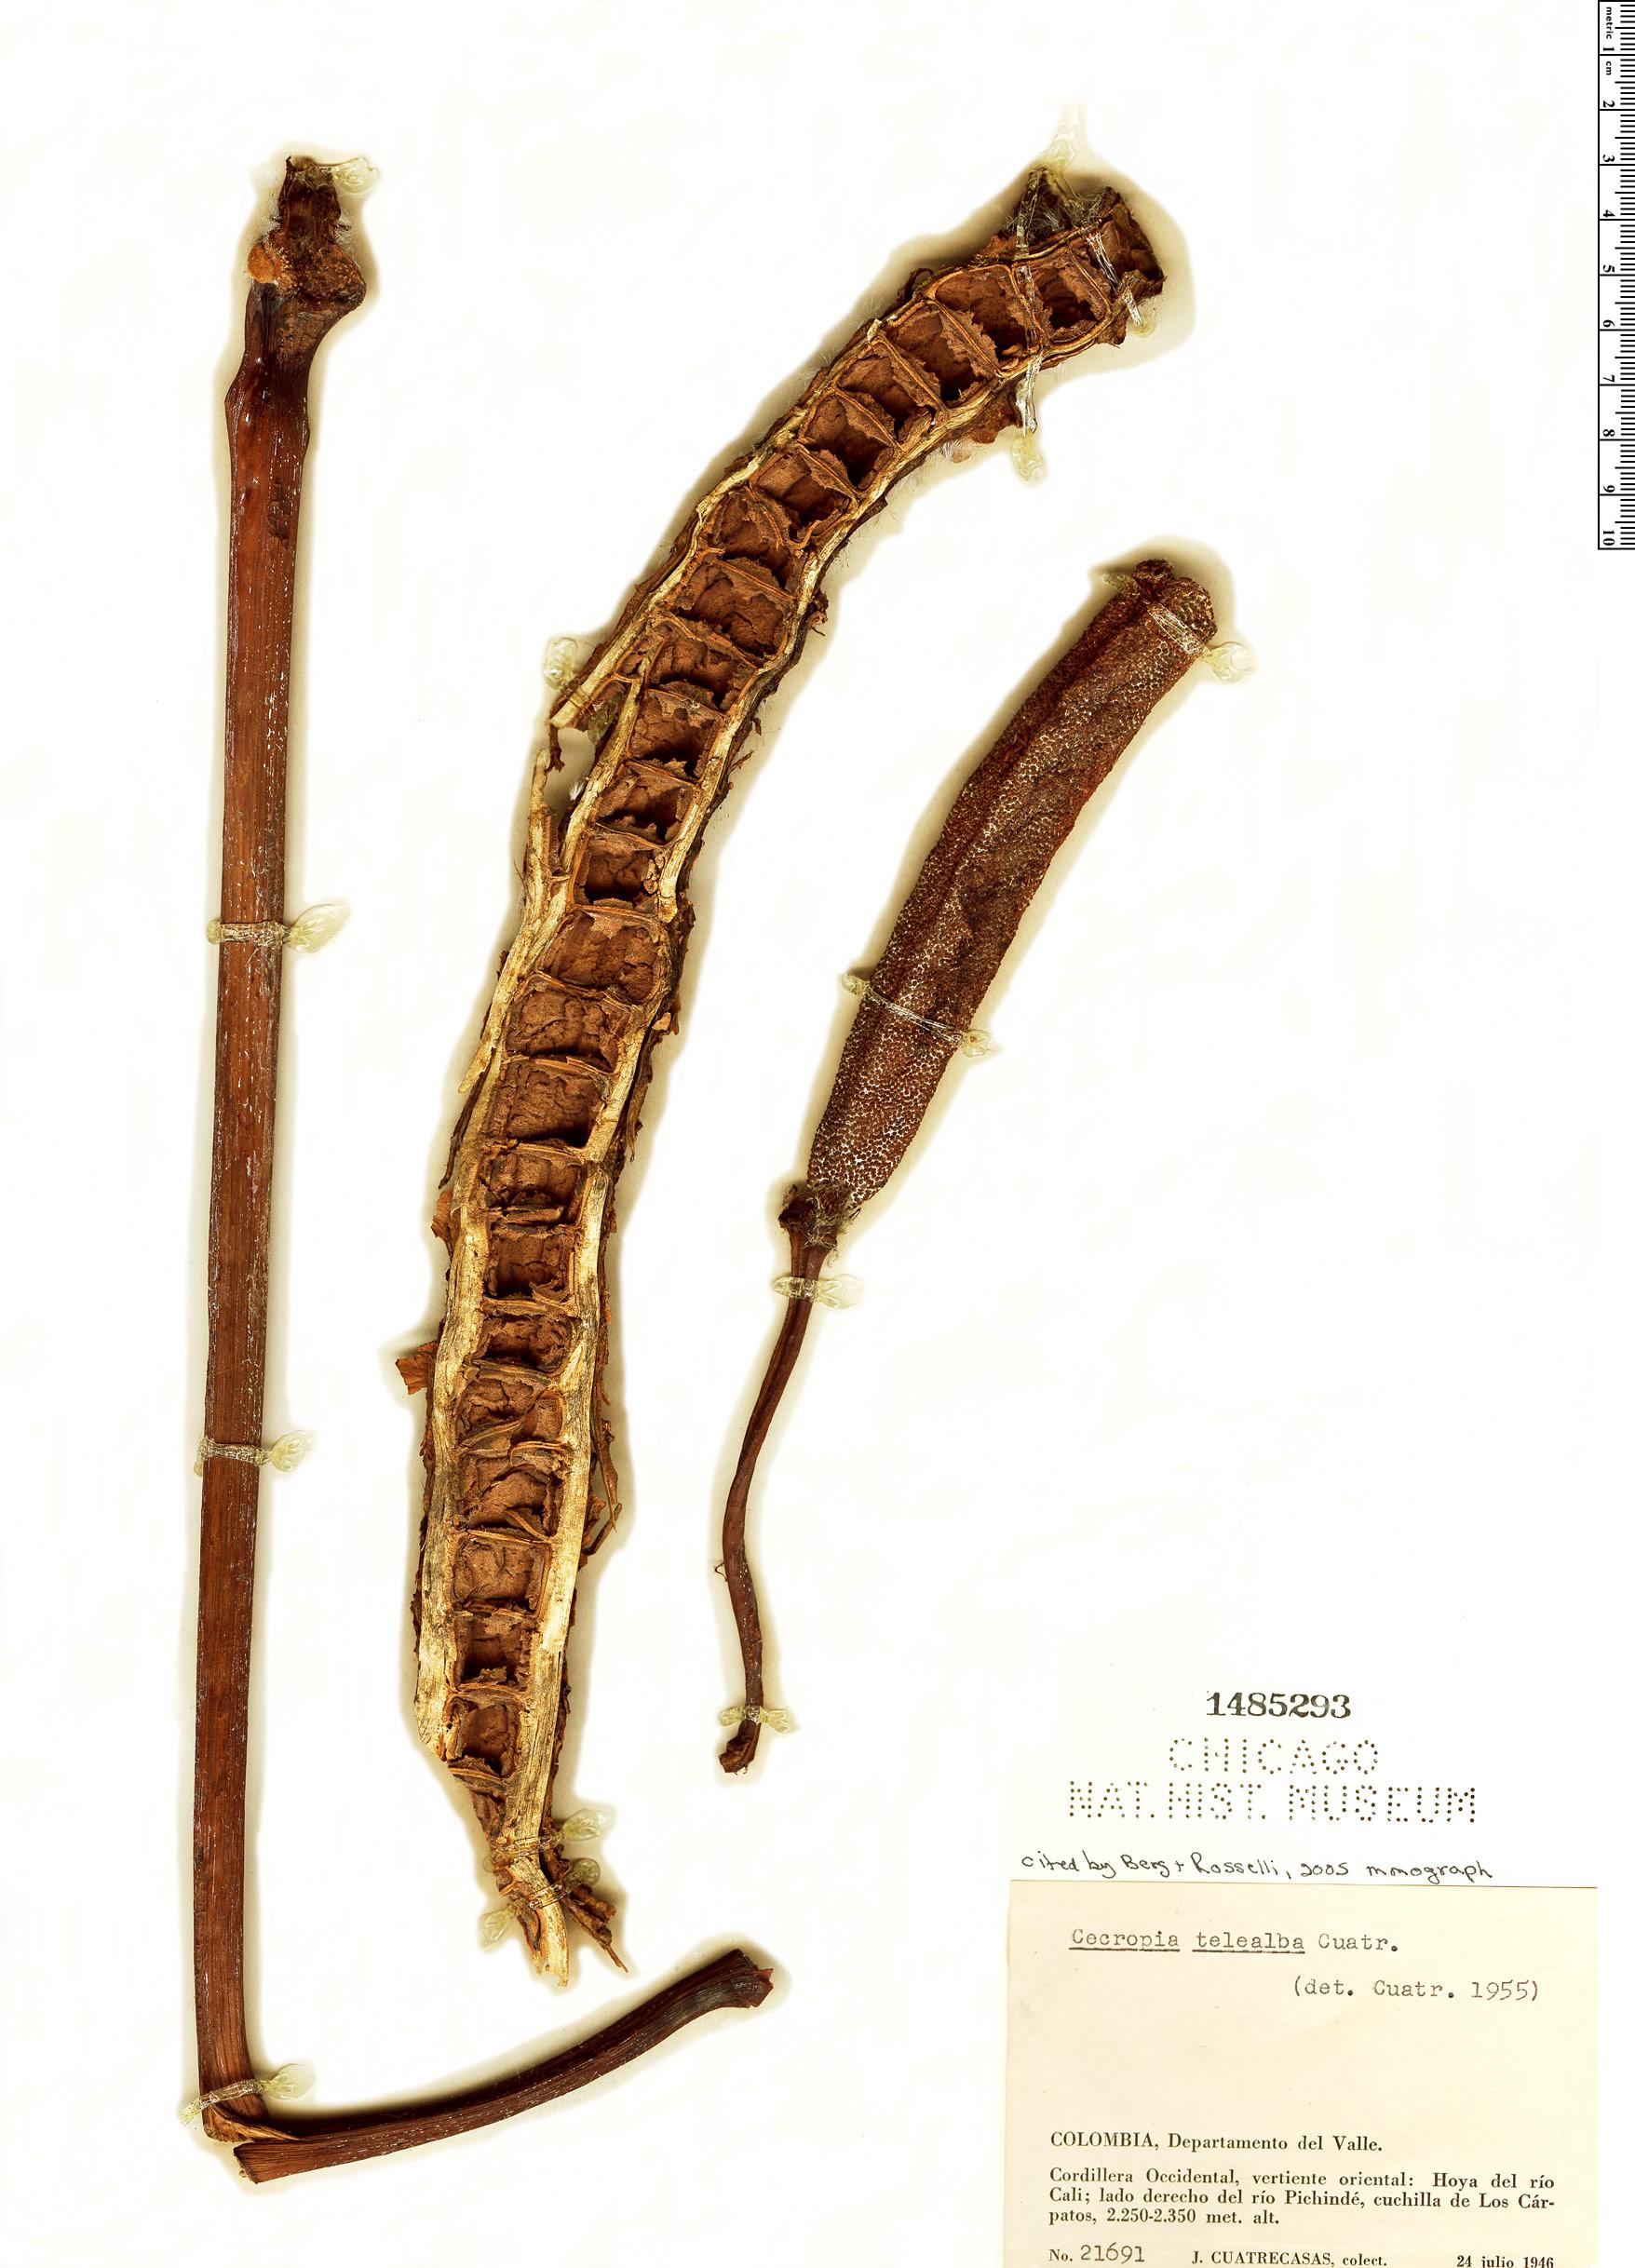 Specimen: Cecropia telealba